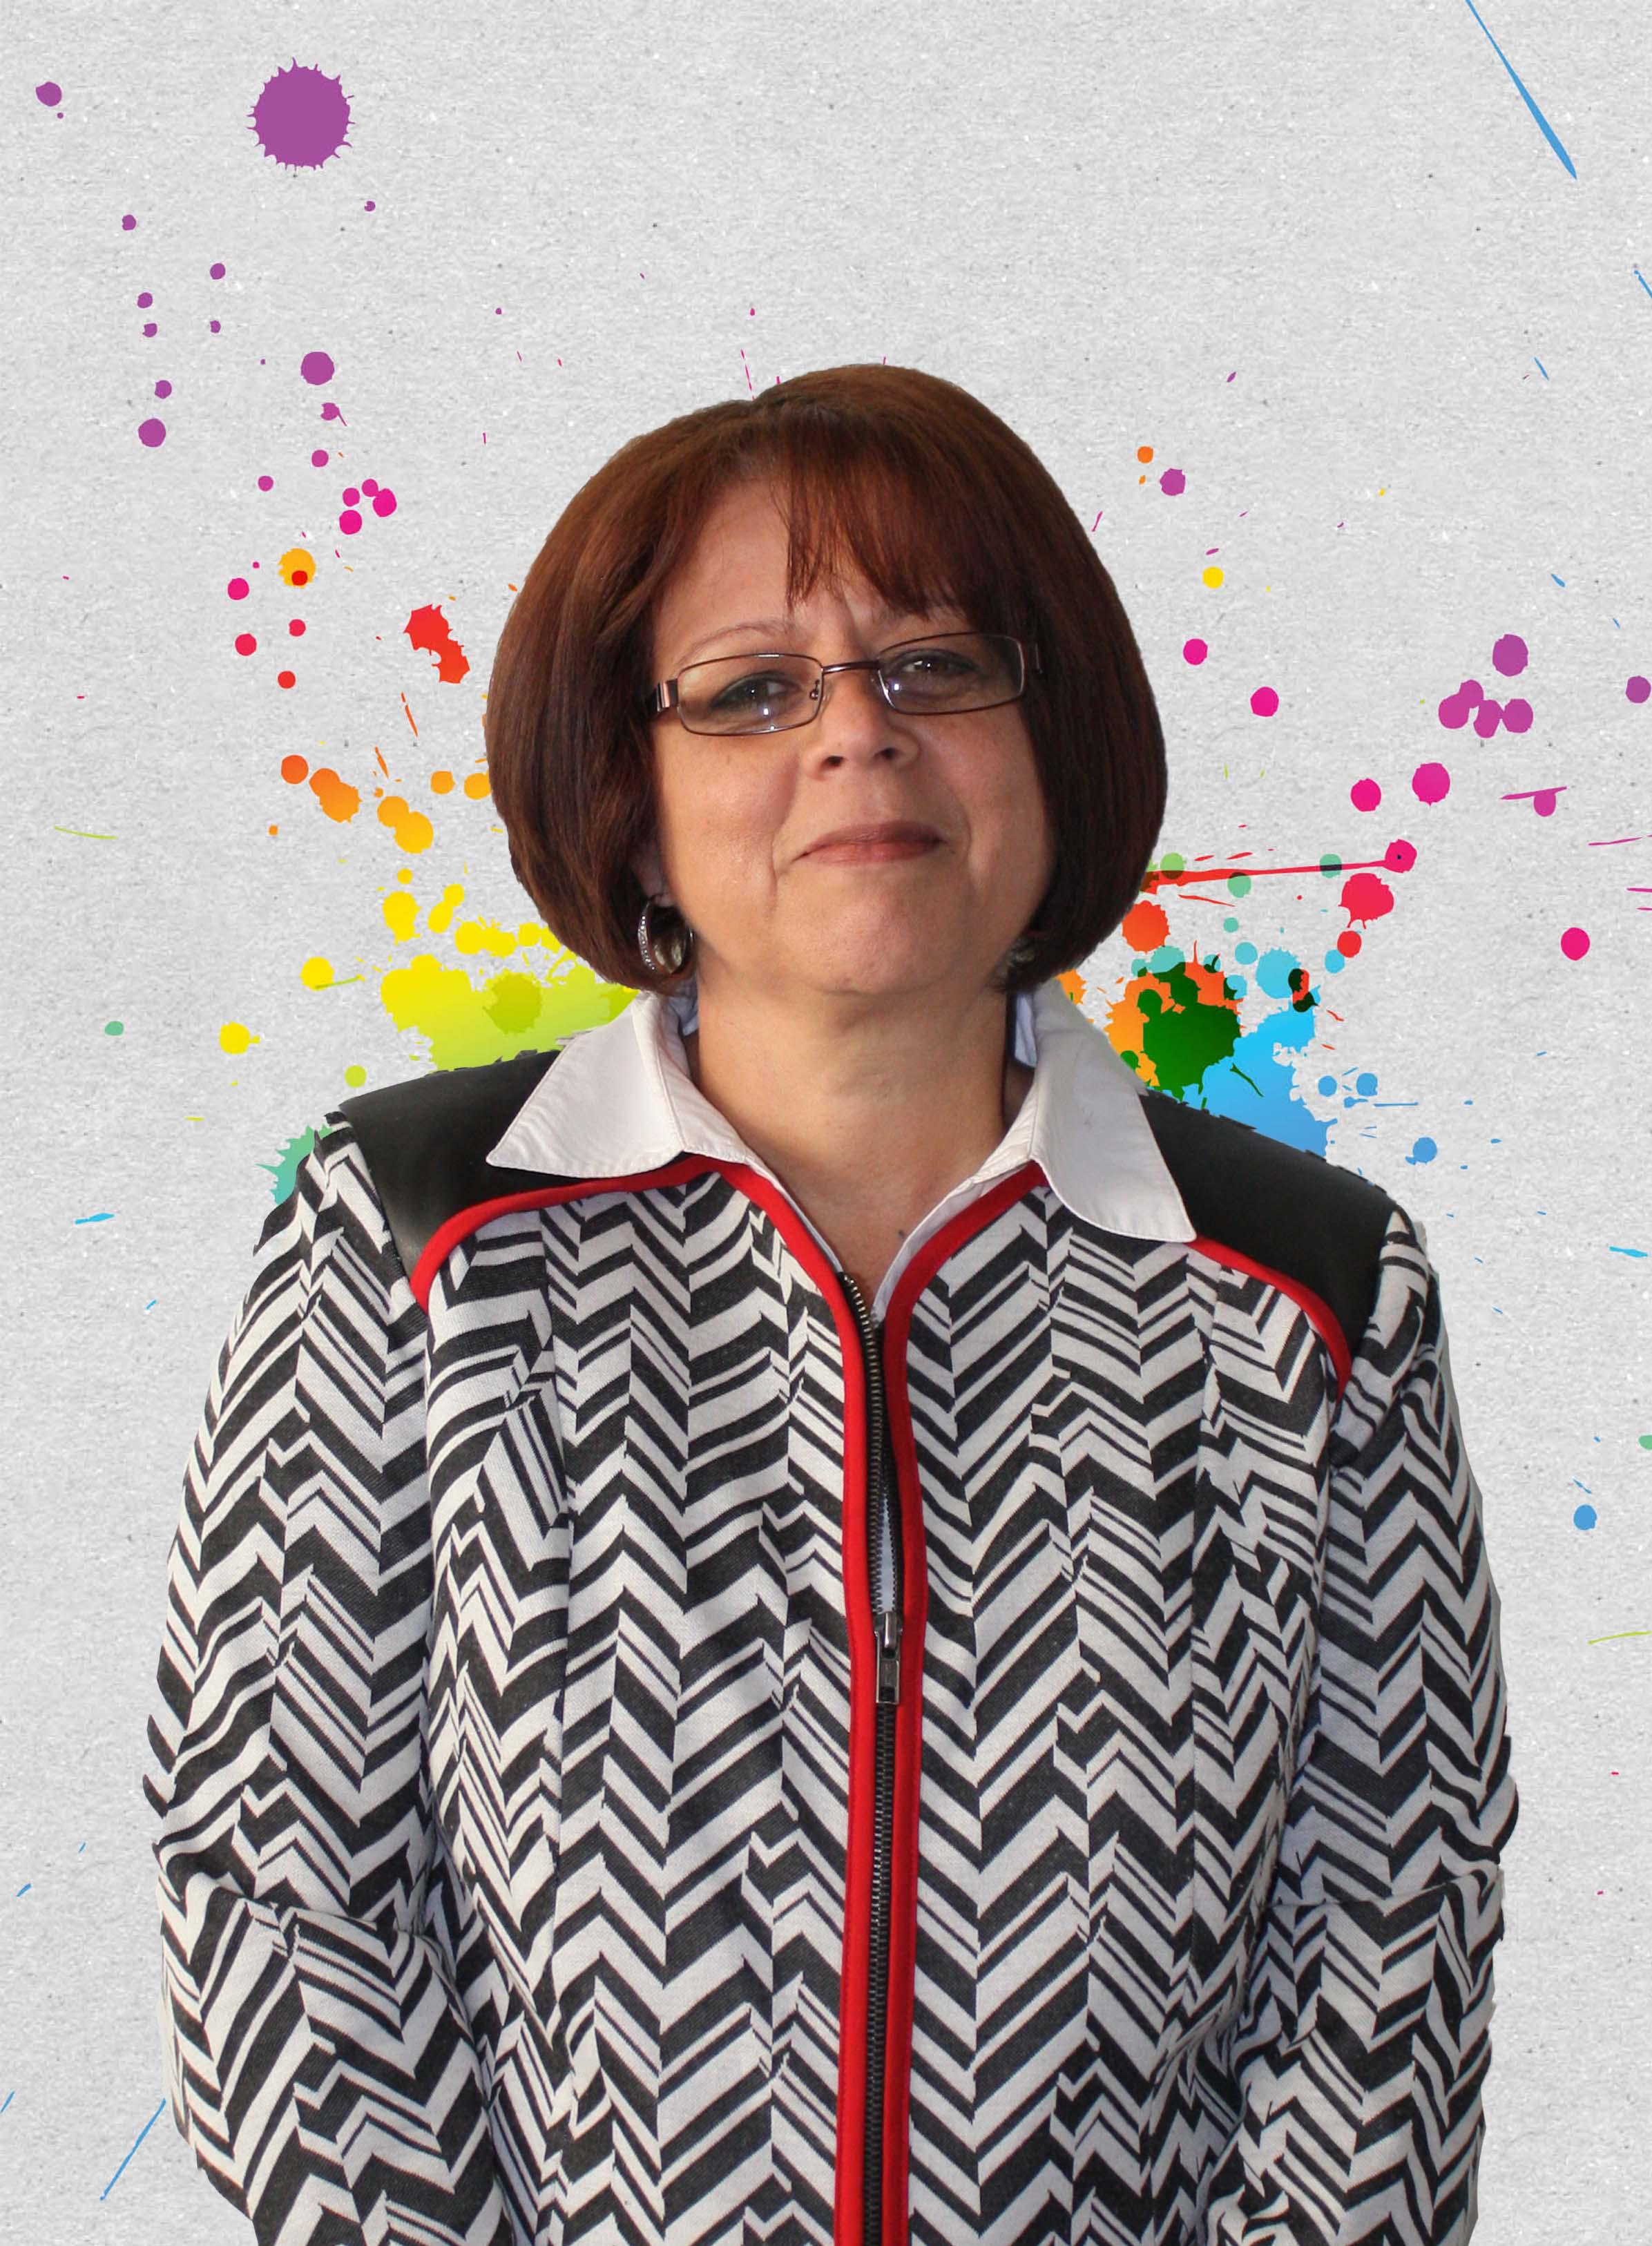 Yolanda Frans - Admin